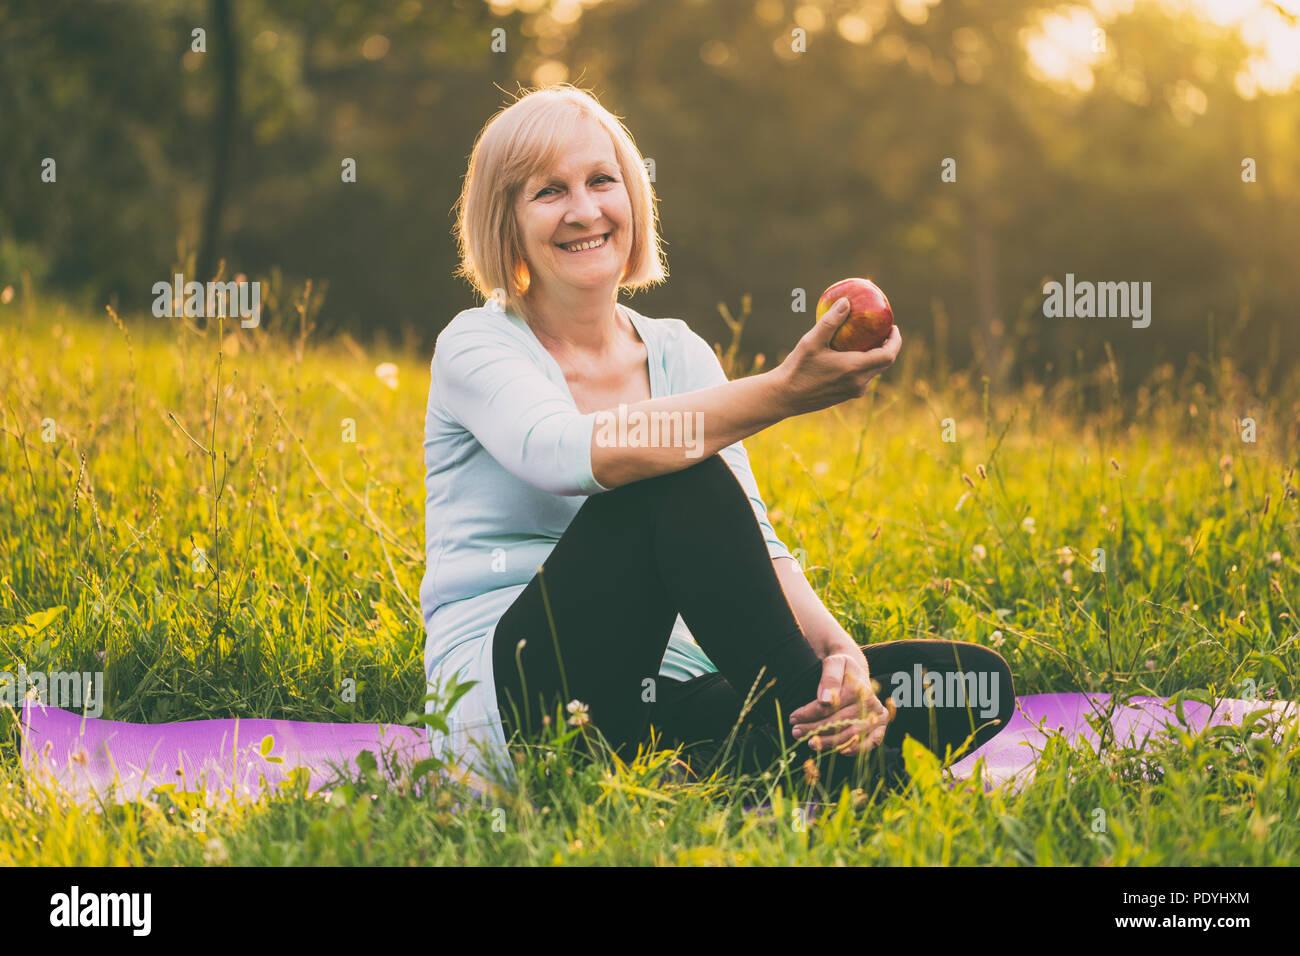 Retrato de mujer senior activo comer apple después del ejercicio.Imagen es intencionalmente tonificado. Imagen De Stock